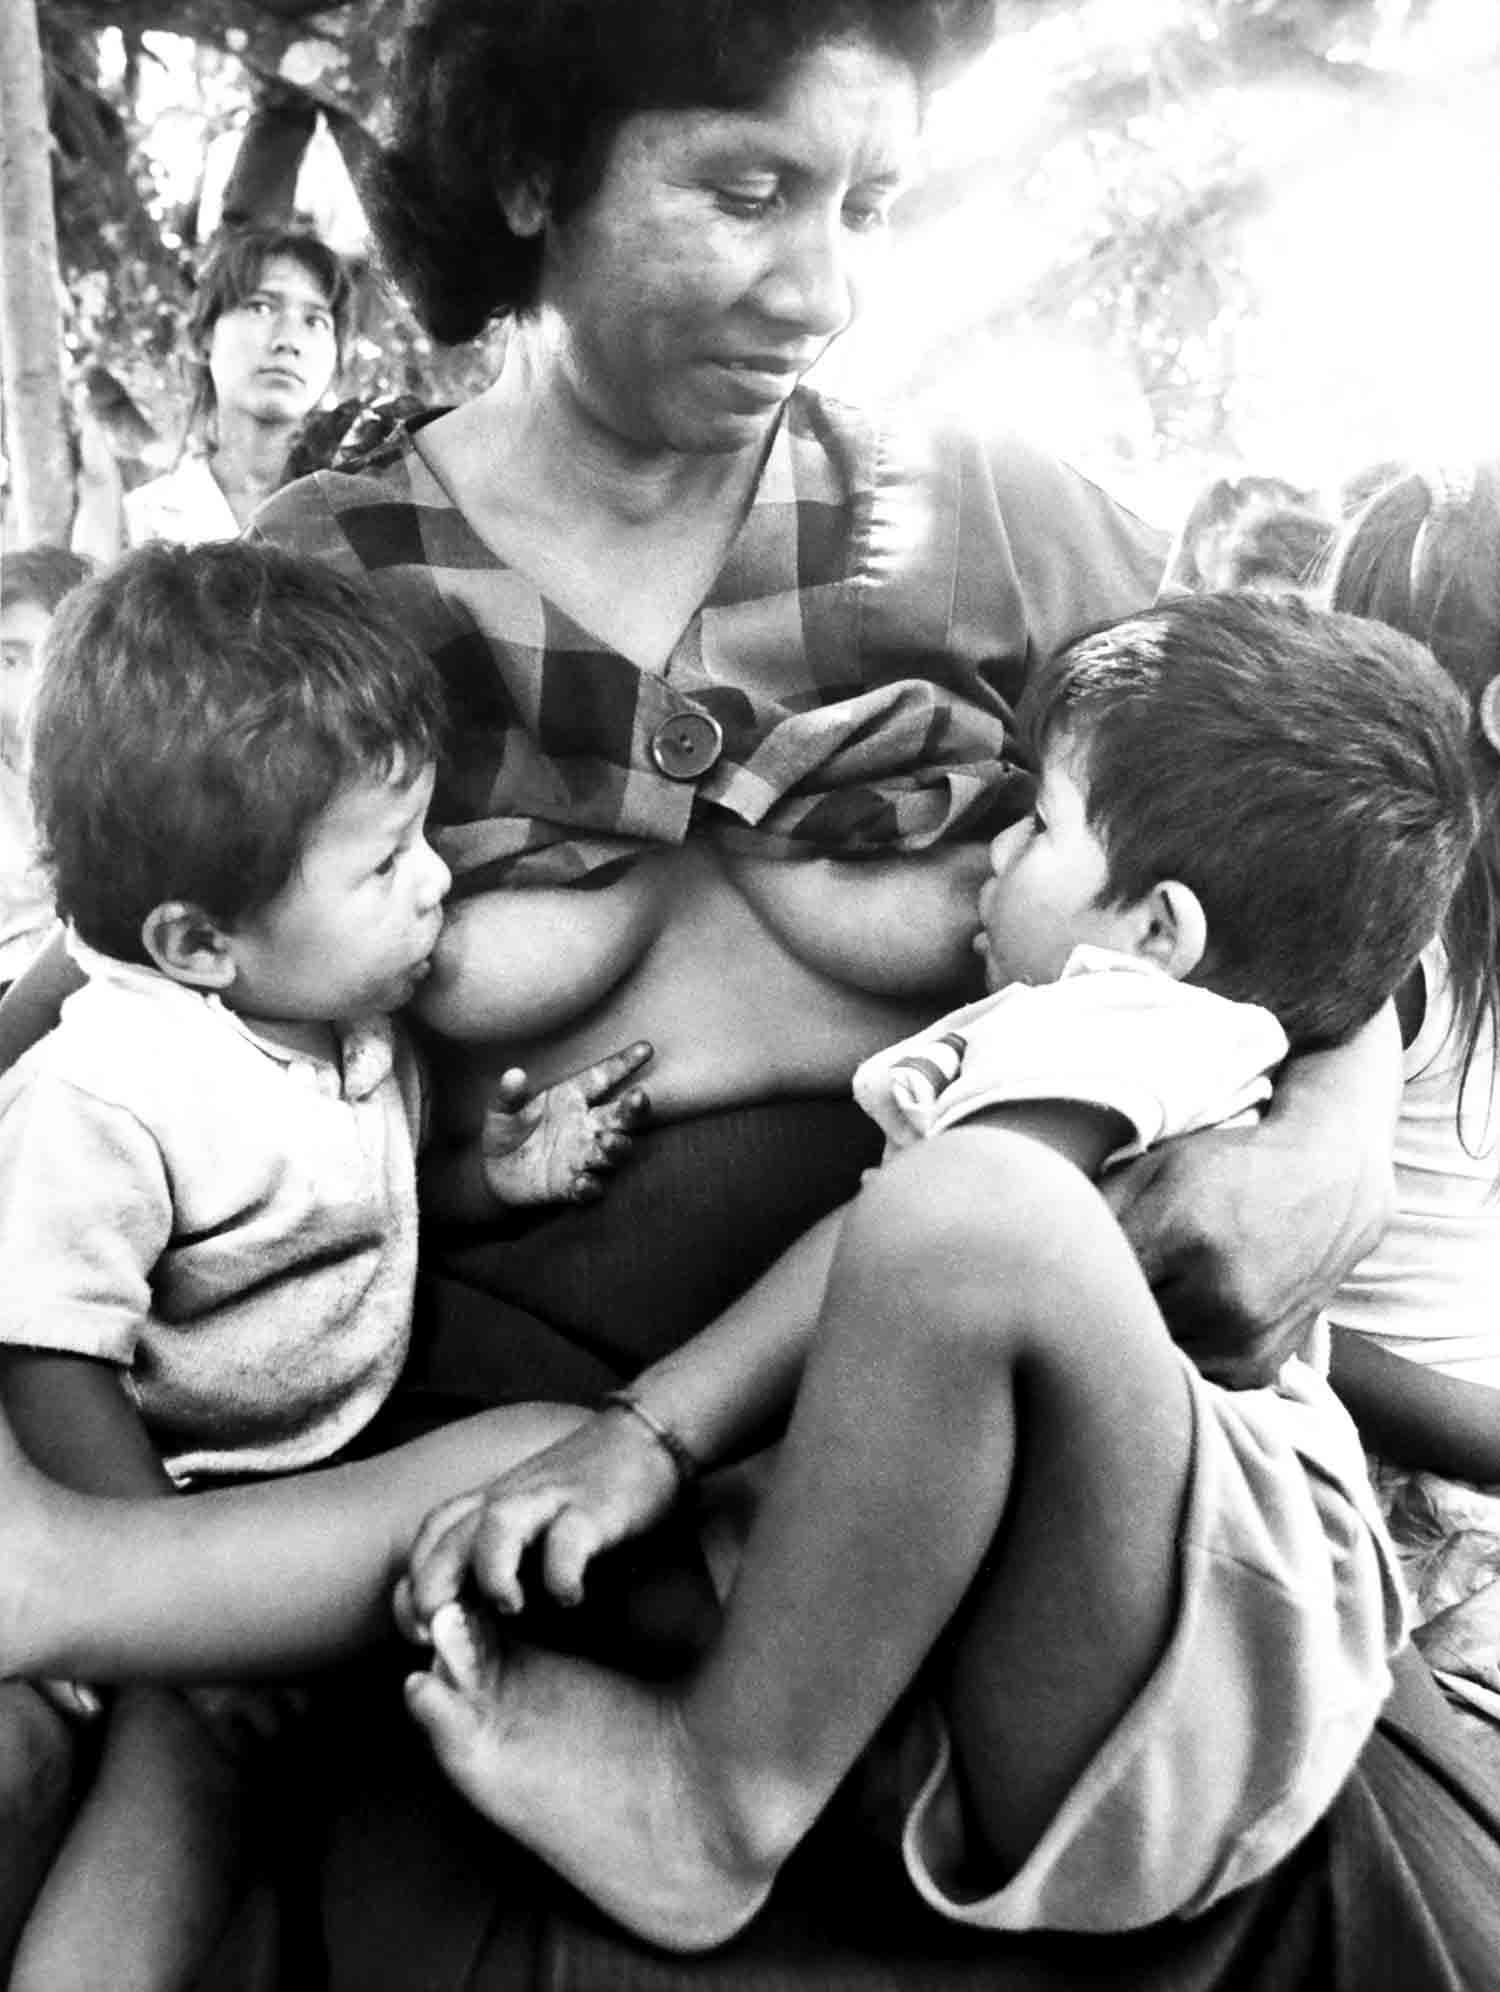 37-Una madre salvadoreña da de amamantar a sus hijos en el caserío San Antonio. Suchitoto septiembre de 1988 Foto Luis Galdámez